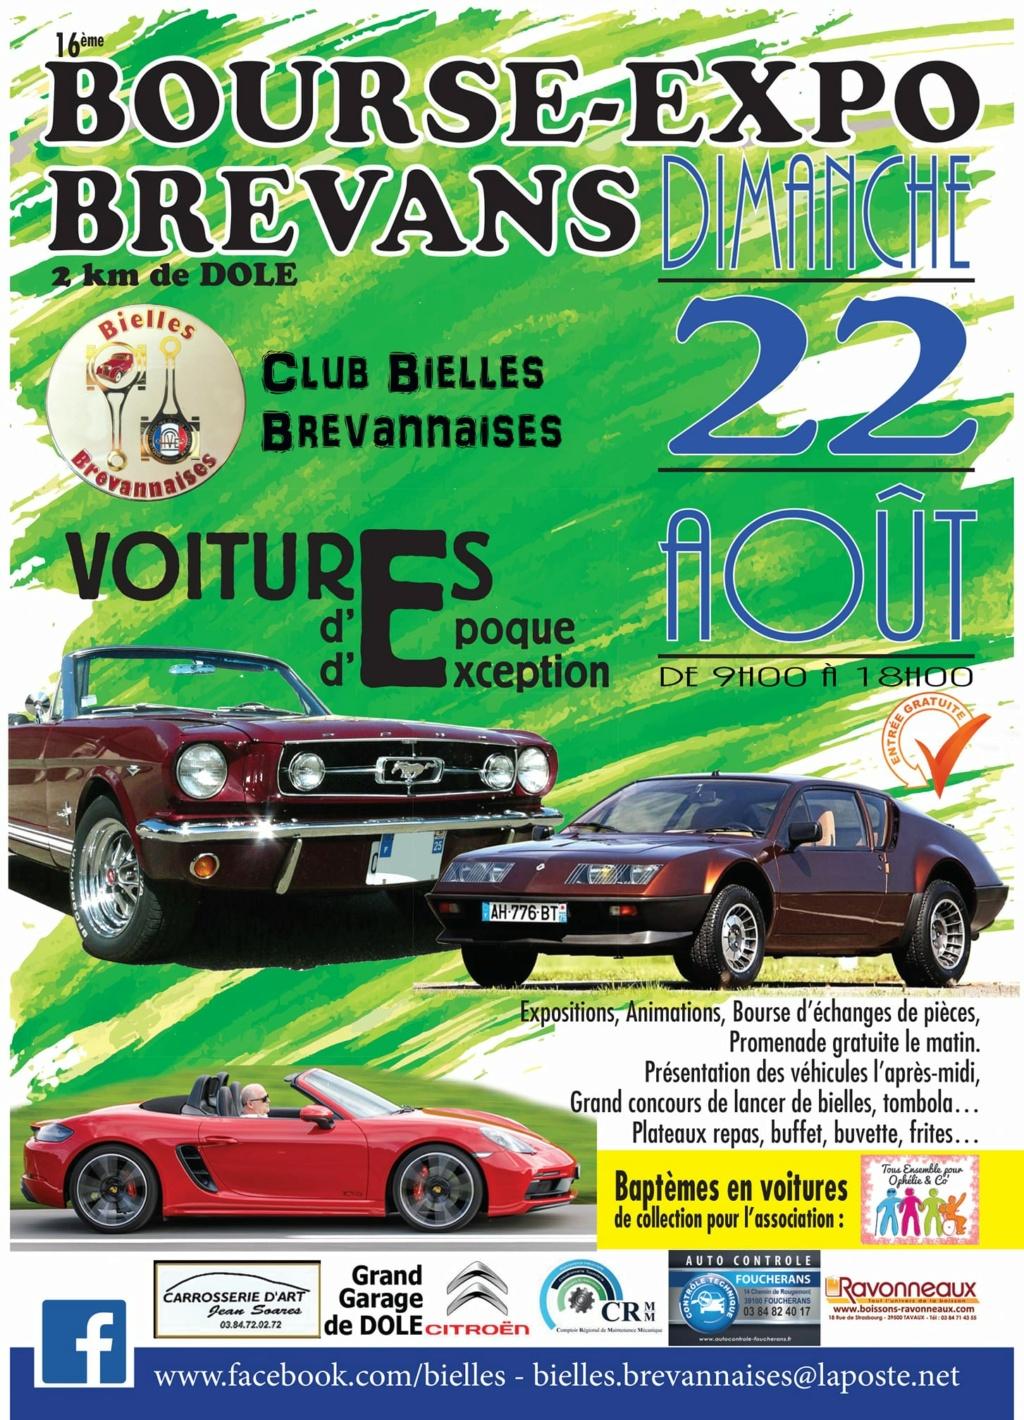 VERCEL 25 () Saint Sulpice 70 () Brevans 39 22960510